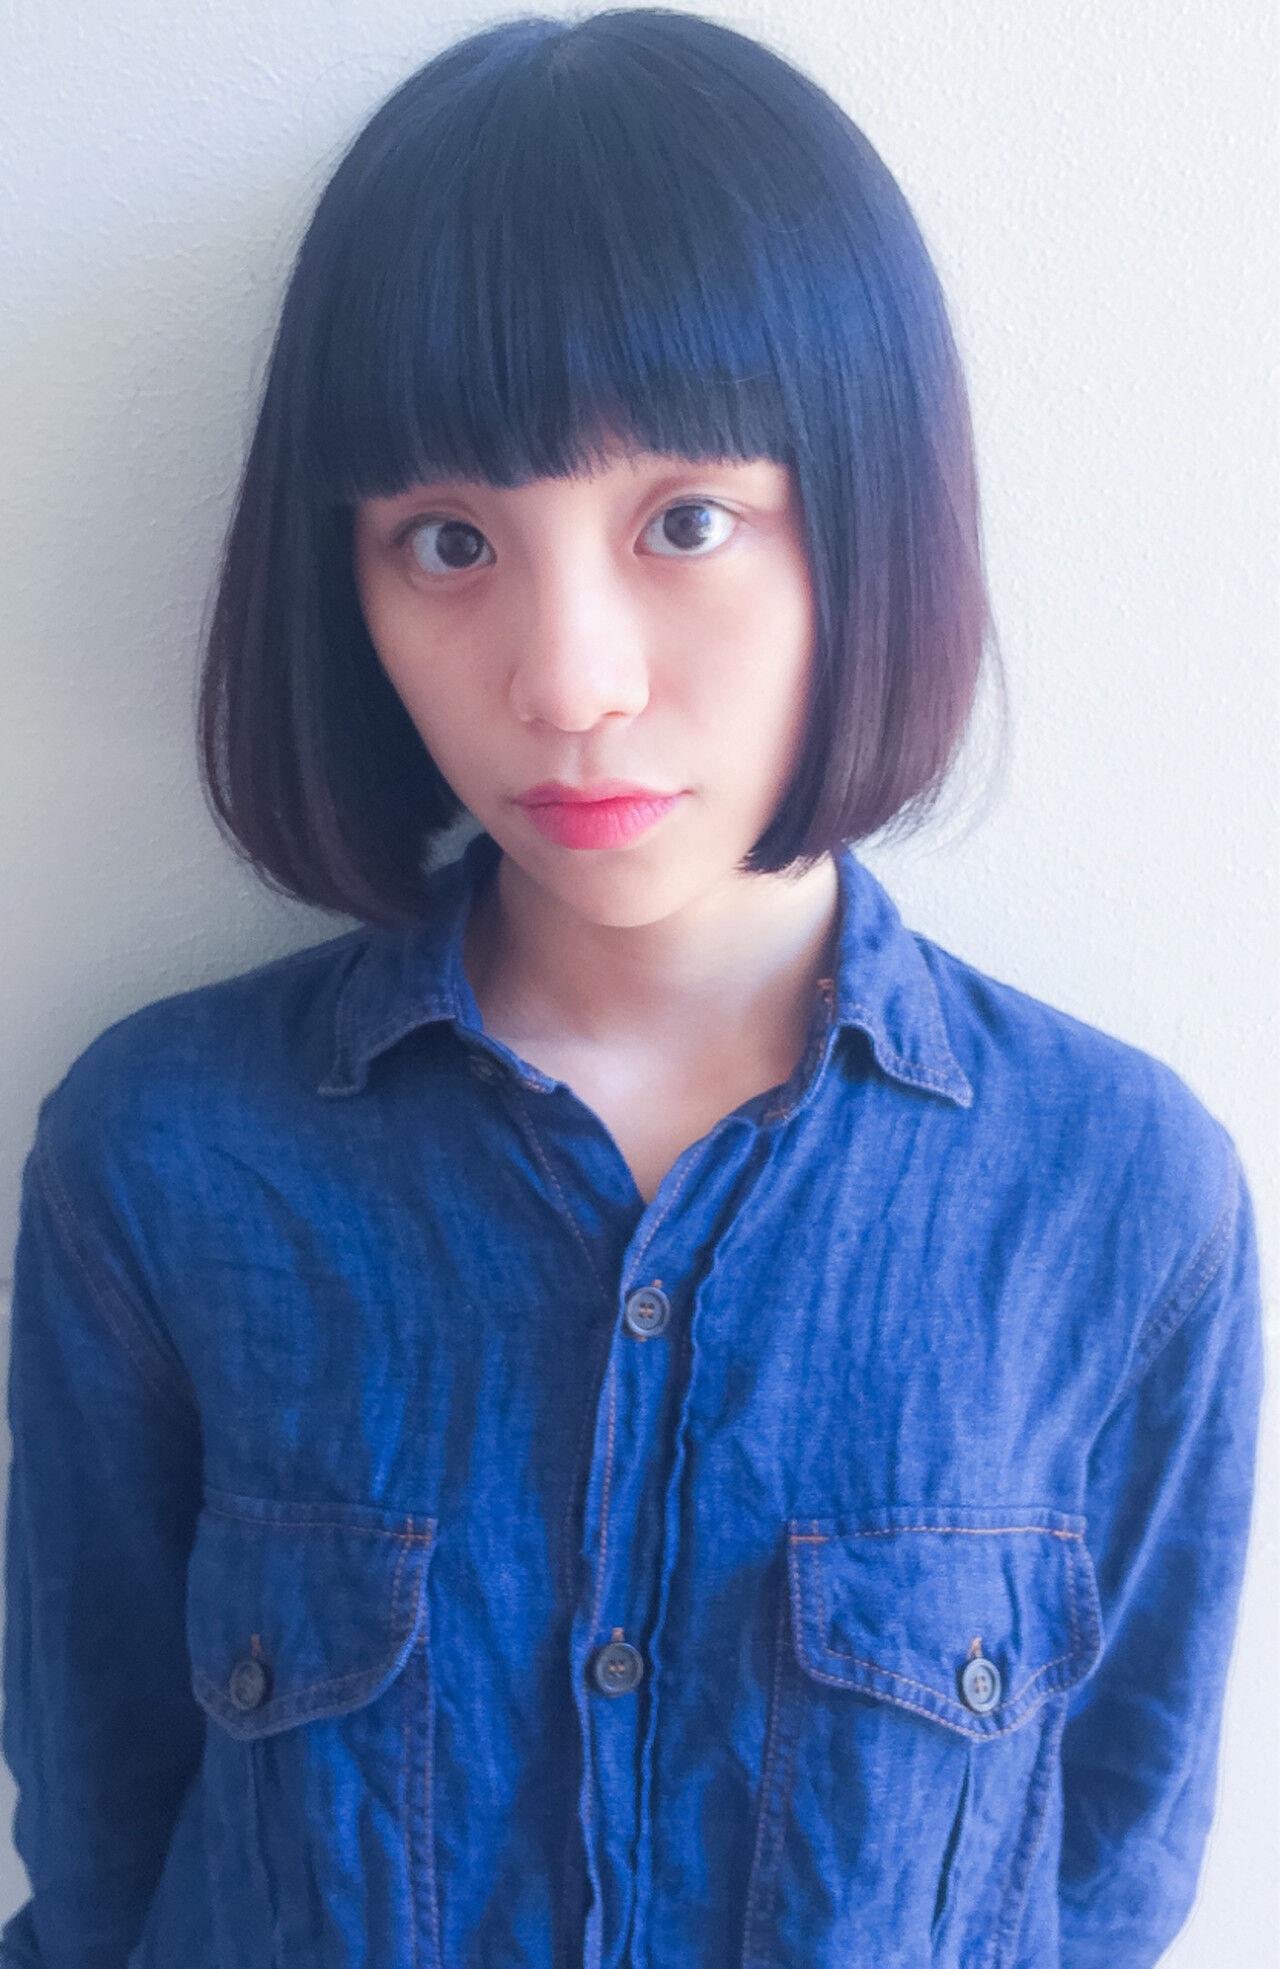 パーマ 黒髪 ピュア ガーリーヘアスタイルや髪型の写真・画像